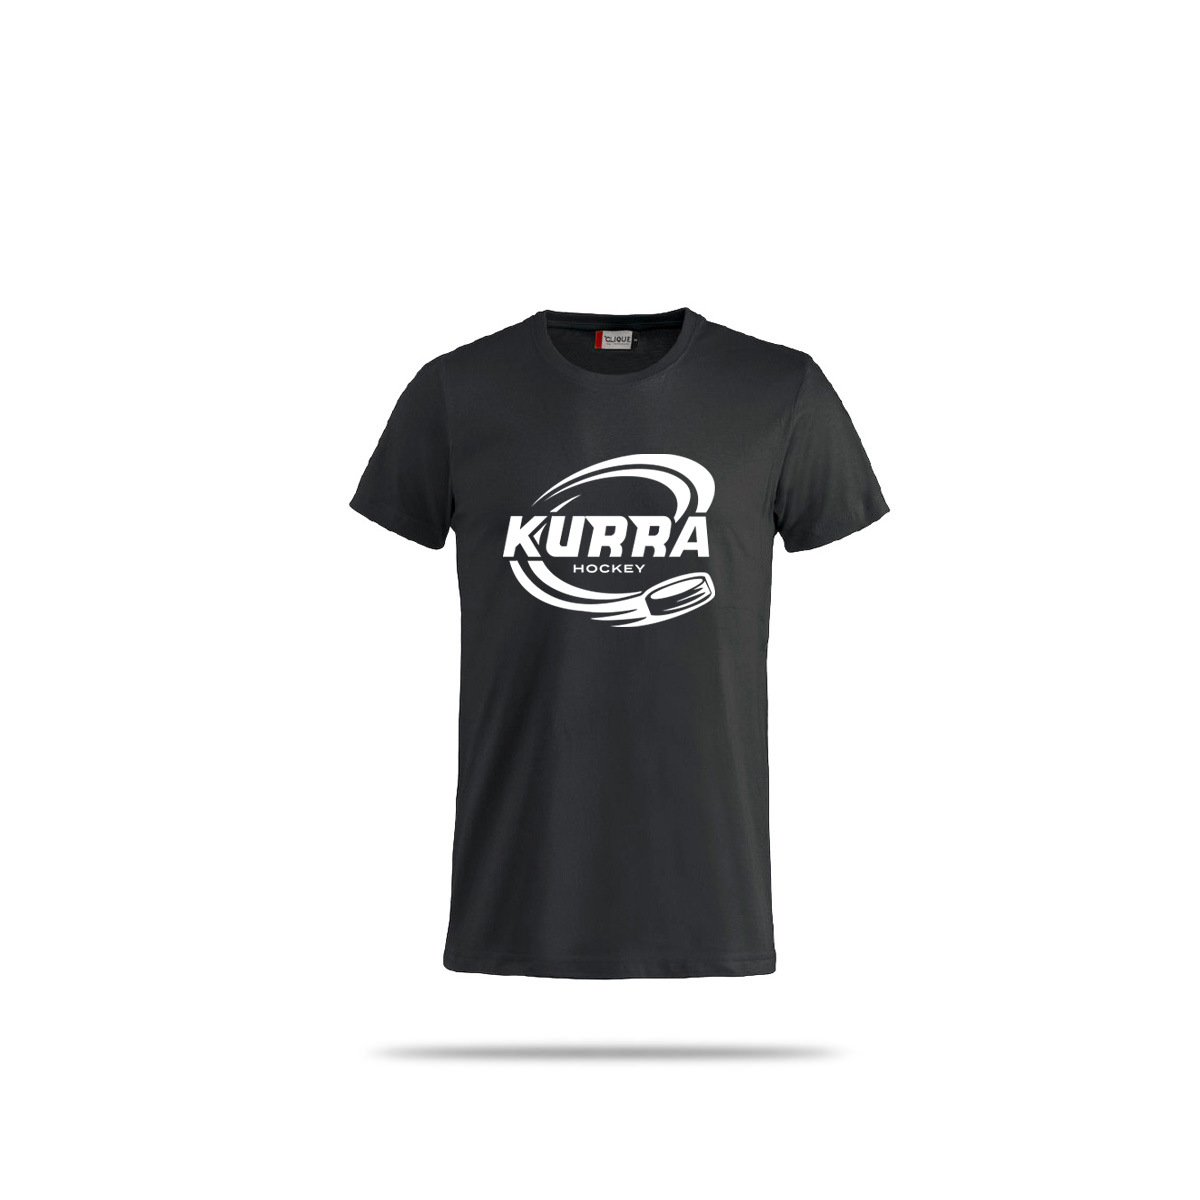 Kurra-Mono-3025-musta